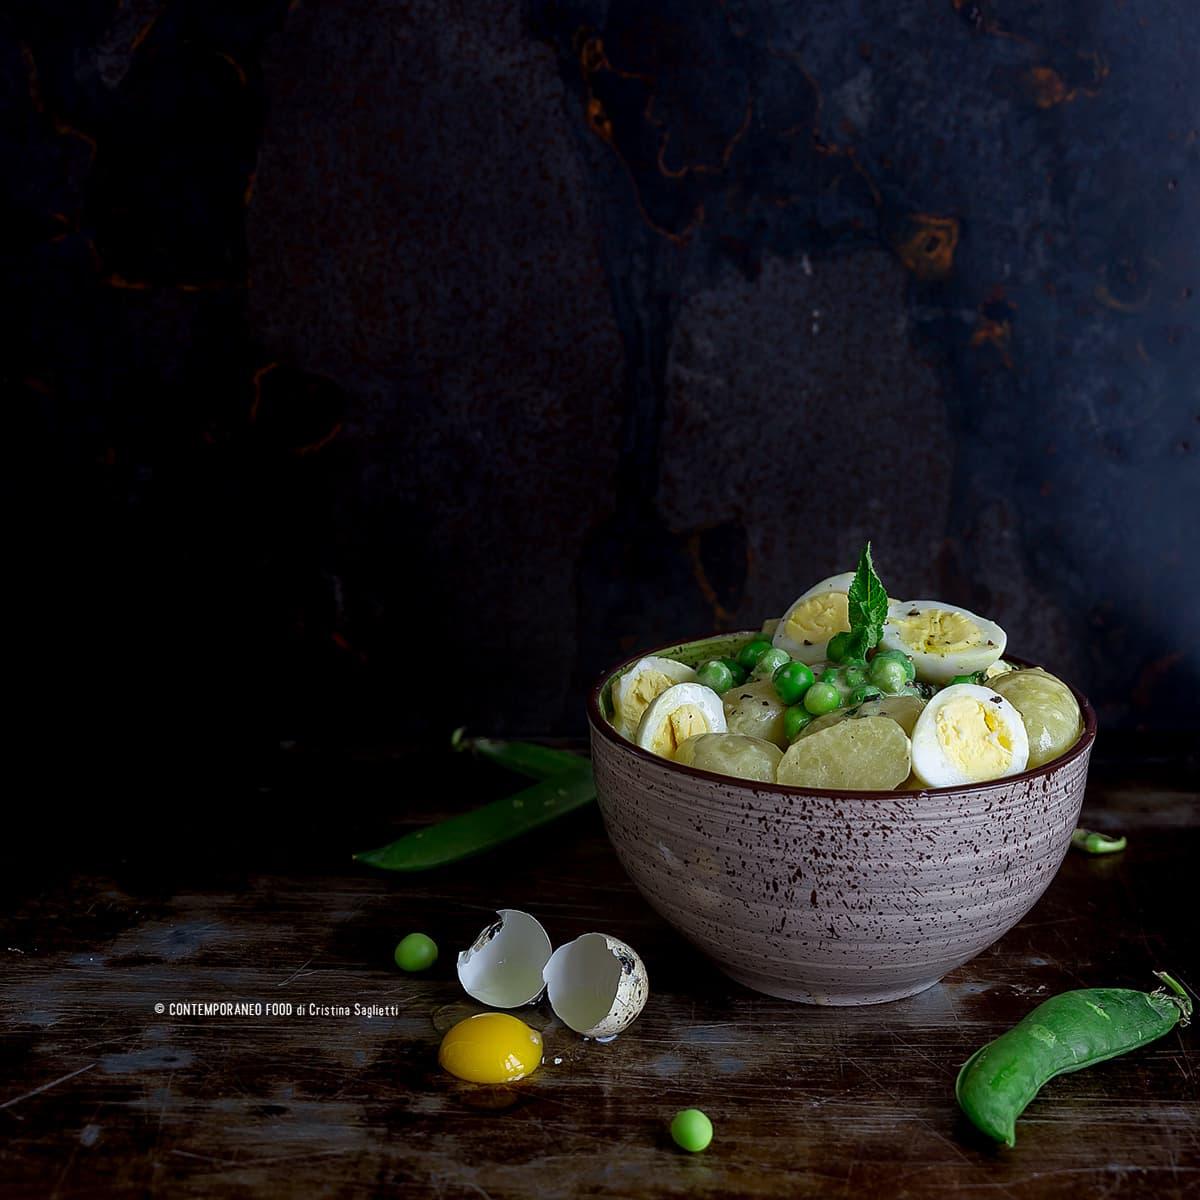 insalata-patate-novelle-piselli-uova-di-quaglia-1a-ricetta-facile-last-minute-piatti-unici-contemporaneo-food